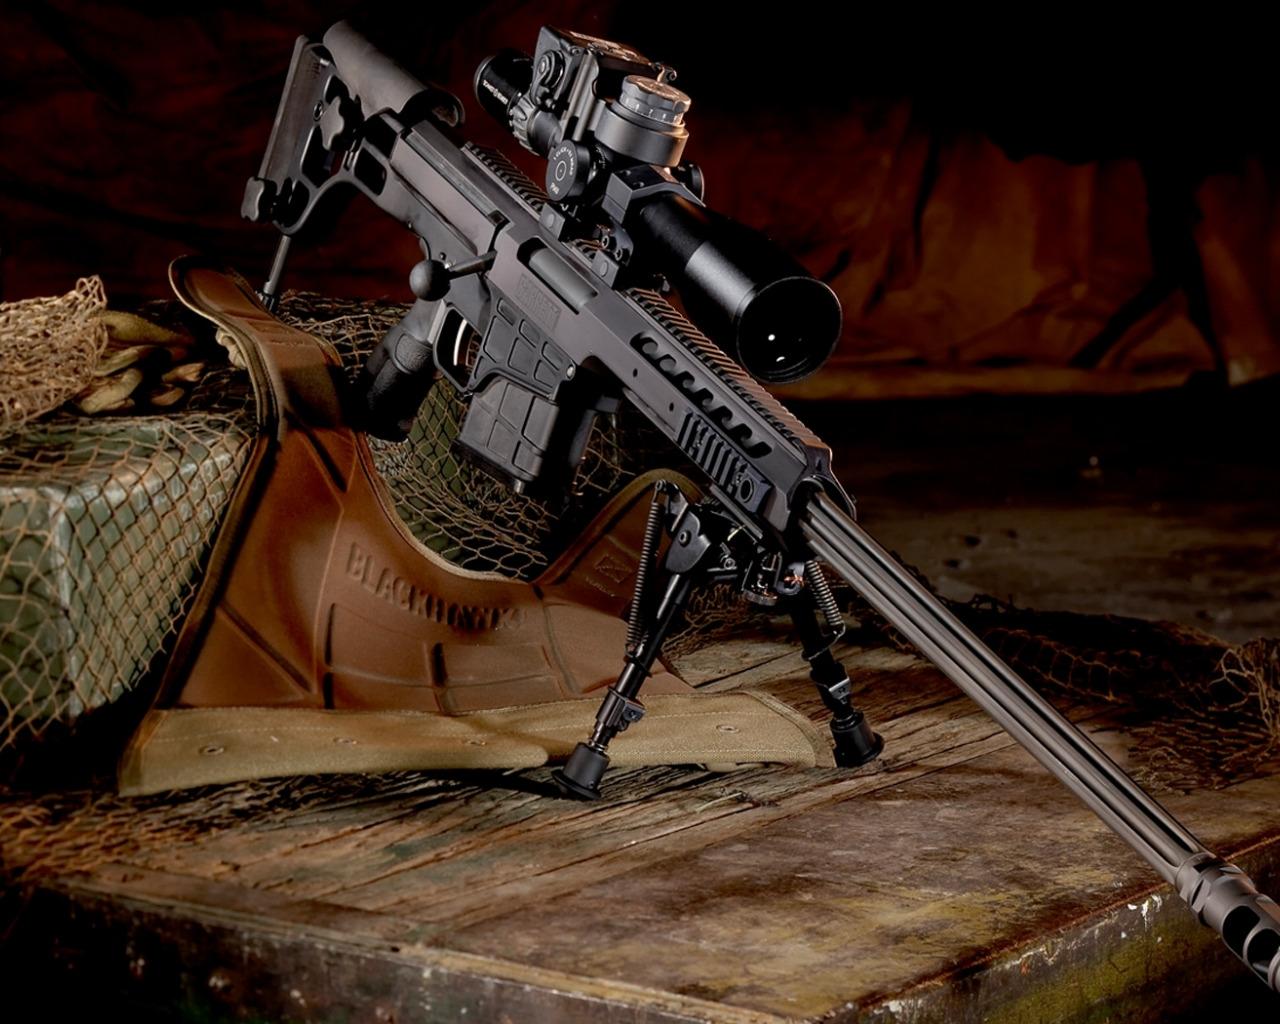 обои оружие для рабочего стола  № 558033 загрузить